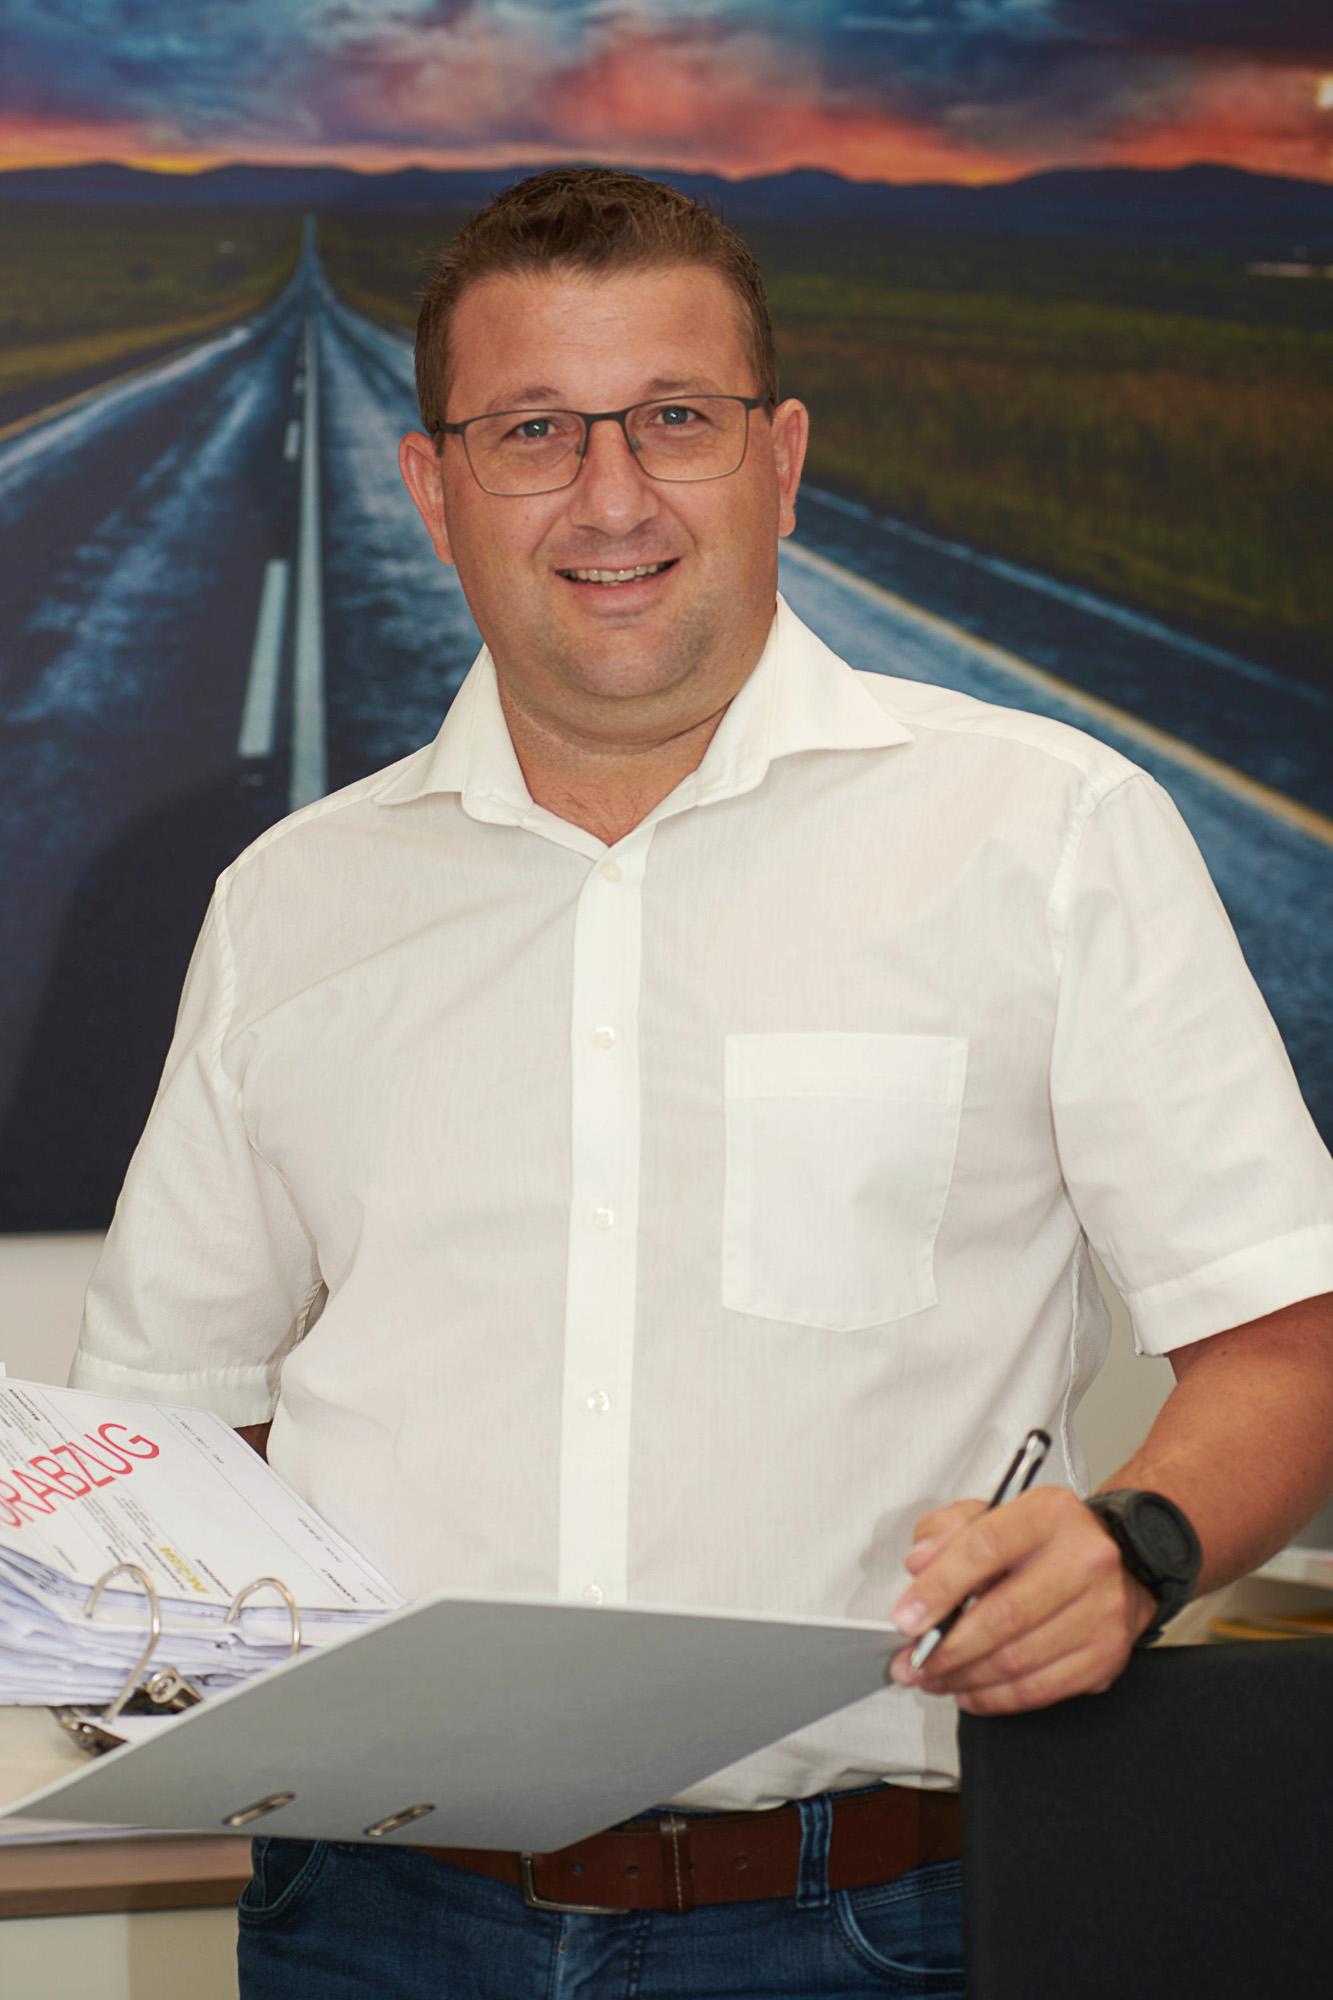 Christian Grundner